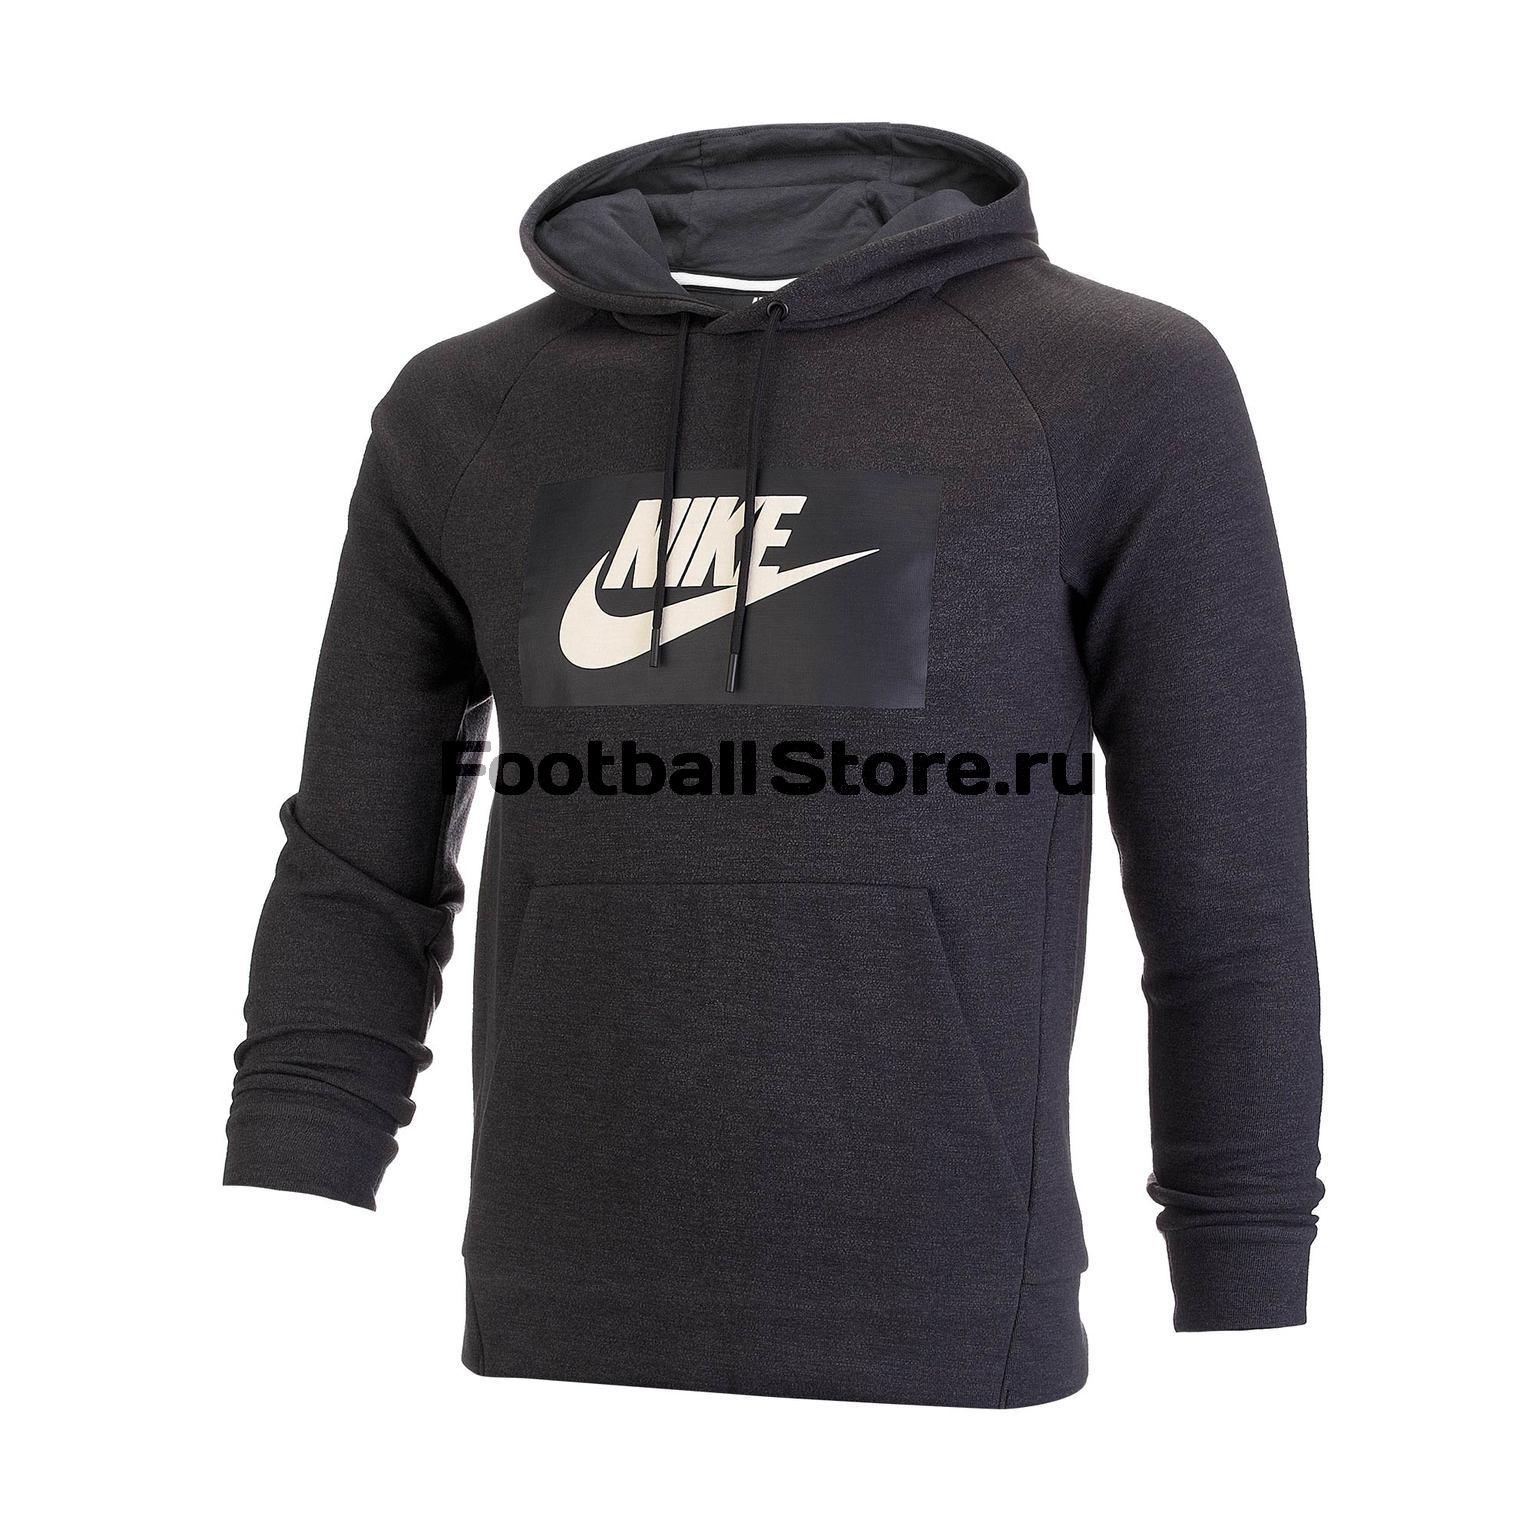 Толстовка Nike Optic Hoodie BV2989-010 толстовка nike sportswear hoodie 928719 010